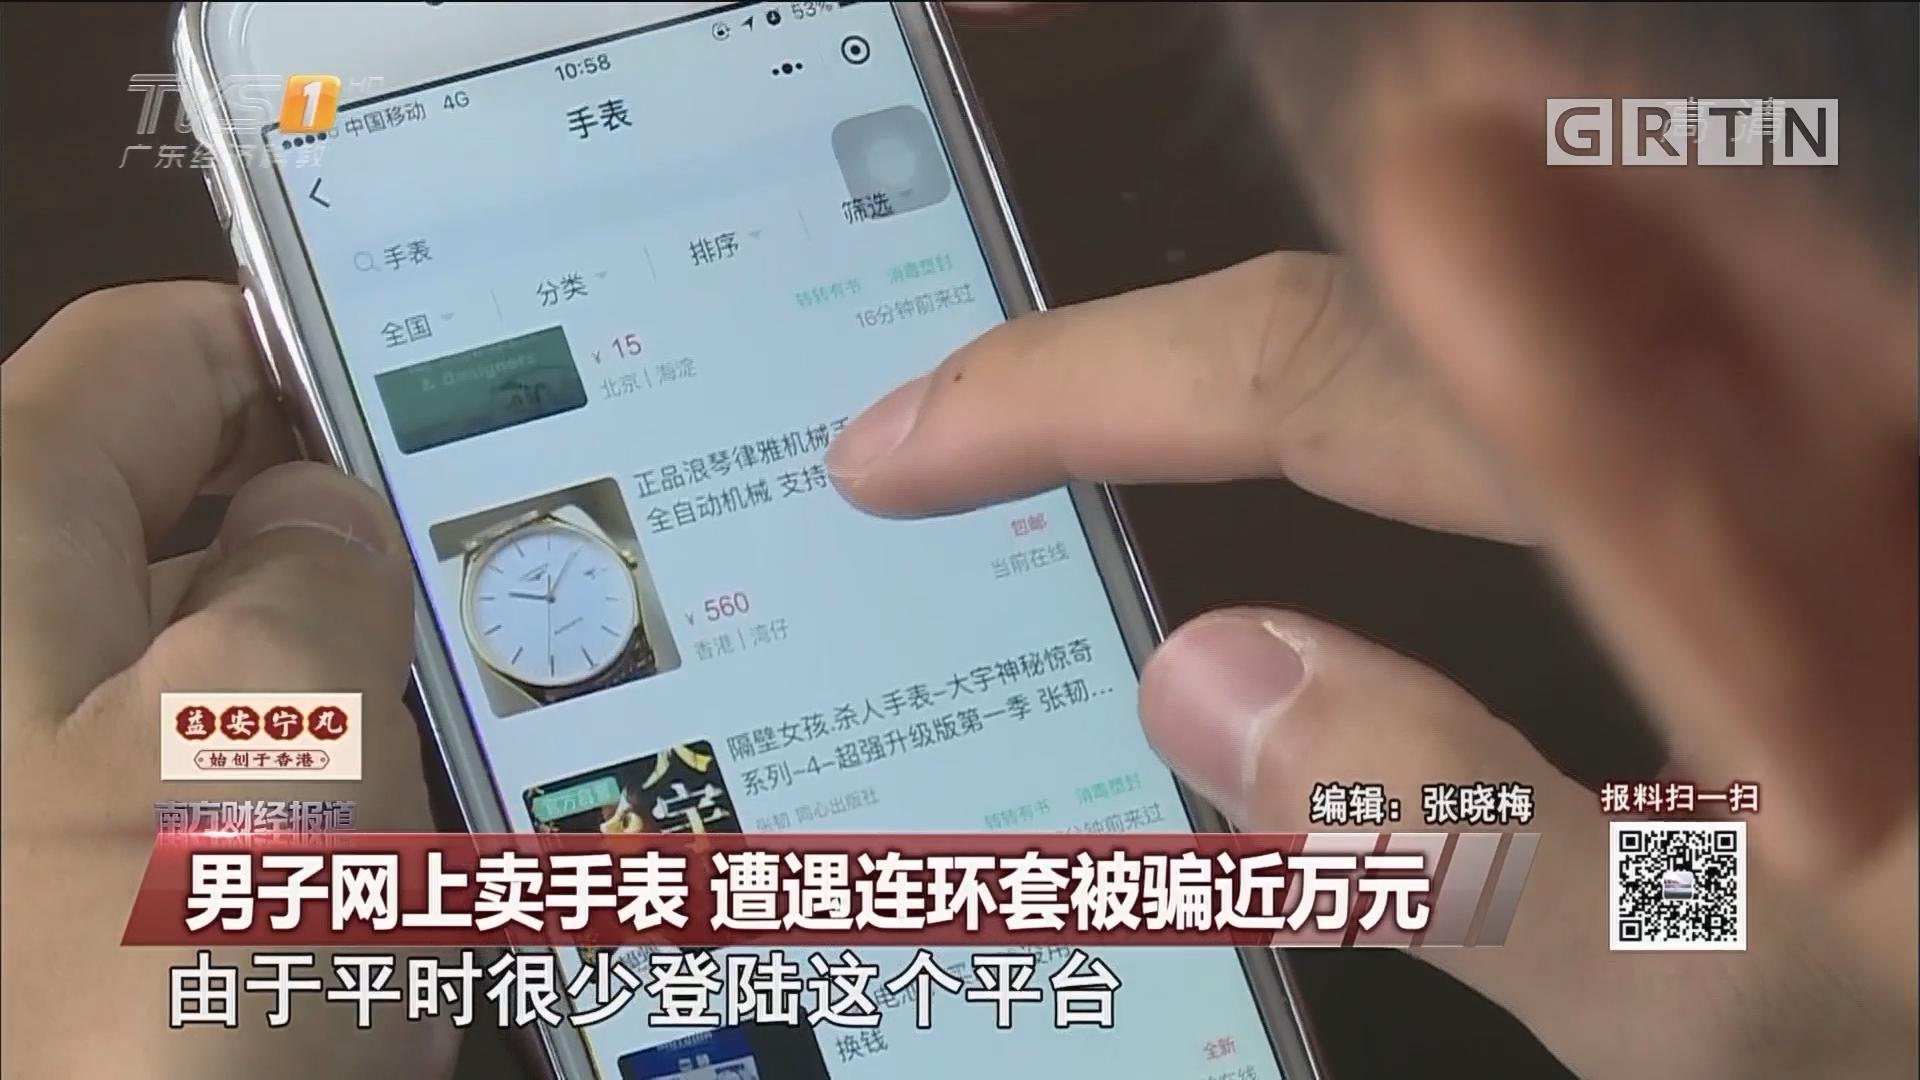 男子网上卖手表 遭遇连环套被骗近万元